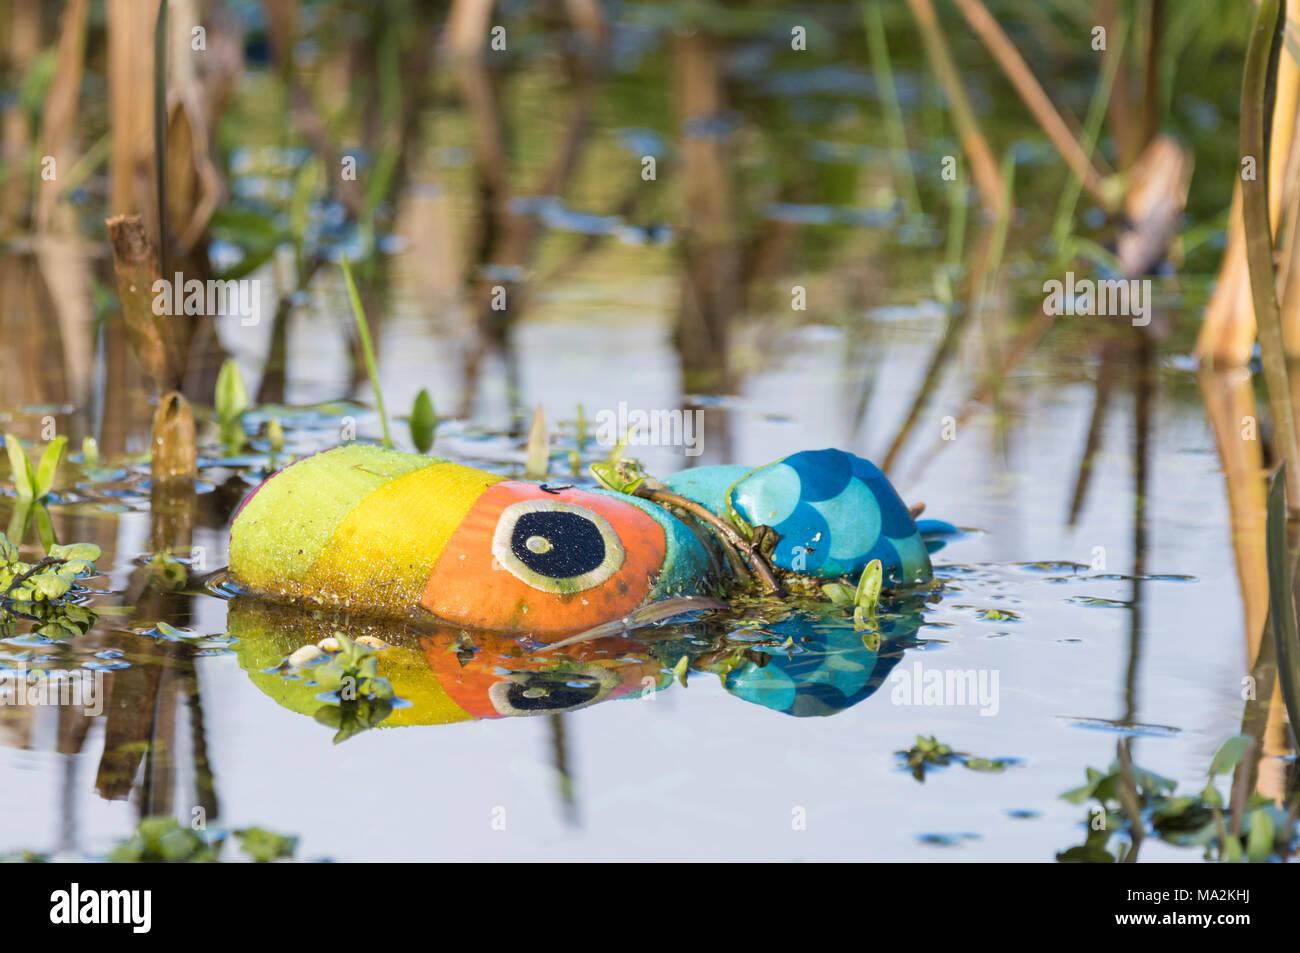 L'enfant perdu doudou abandonné et laissé dans l'eau. Photo Stock